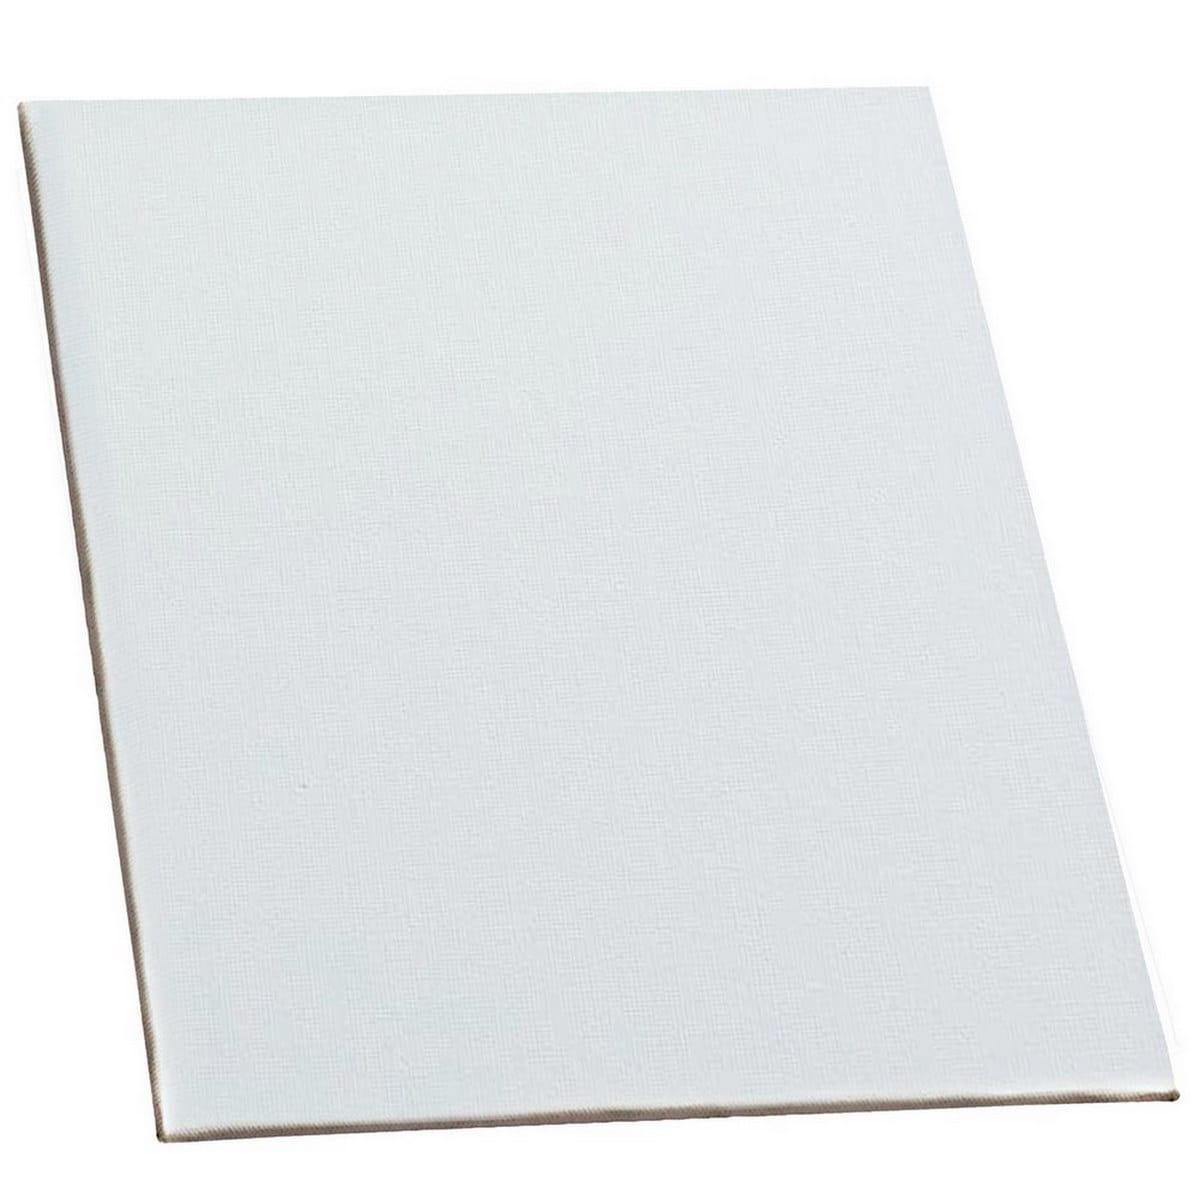 MDF White Canvas Board Size: 22.9 X 30.5 cm (9x12 Inches)